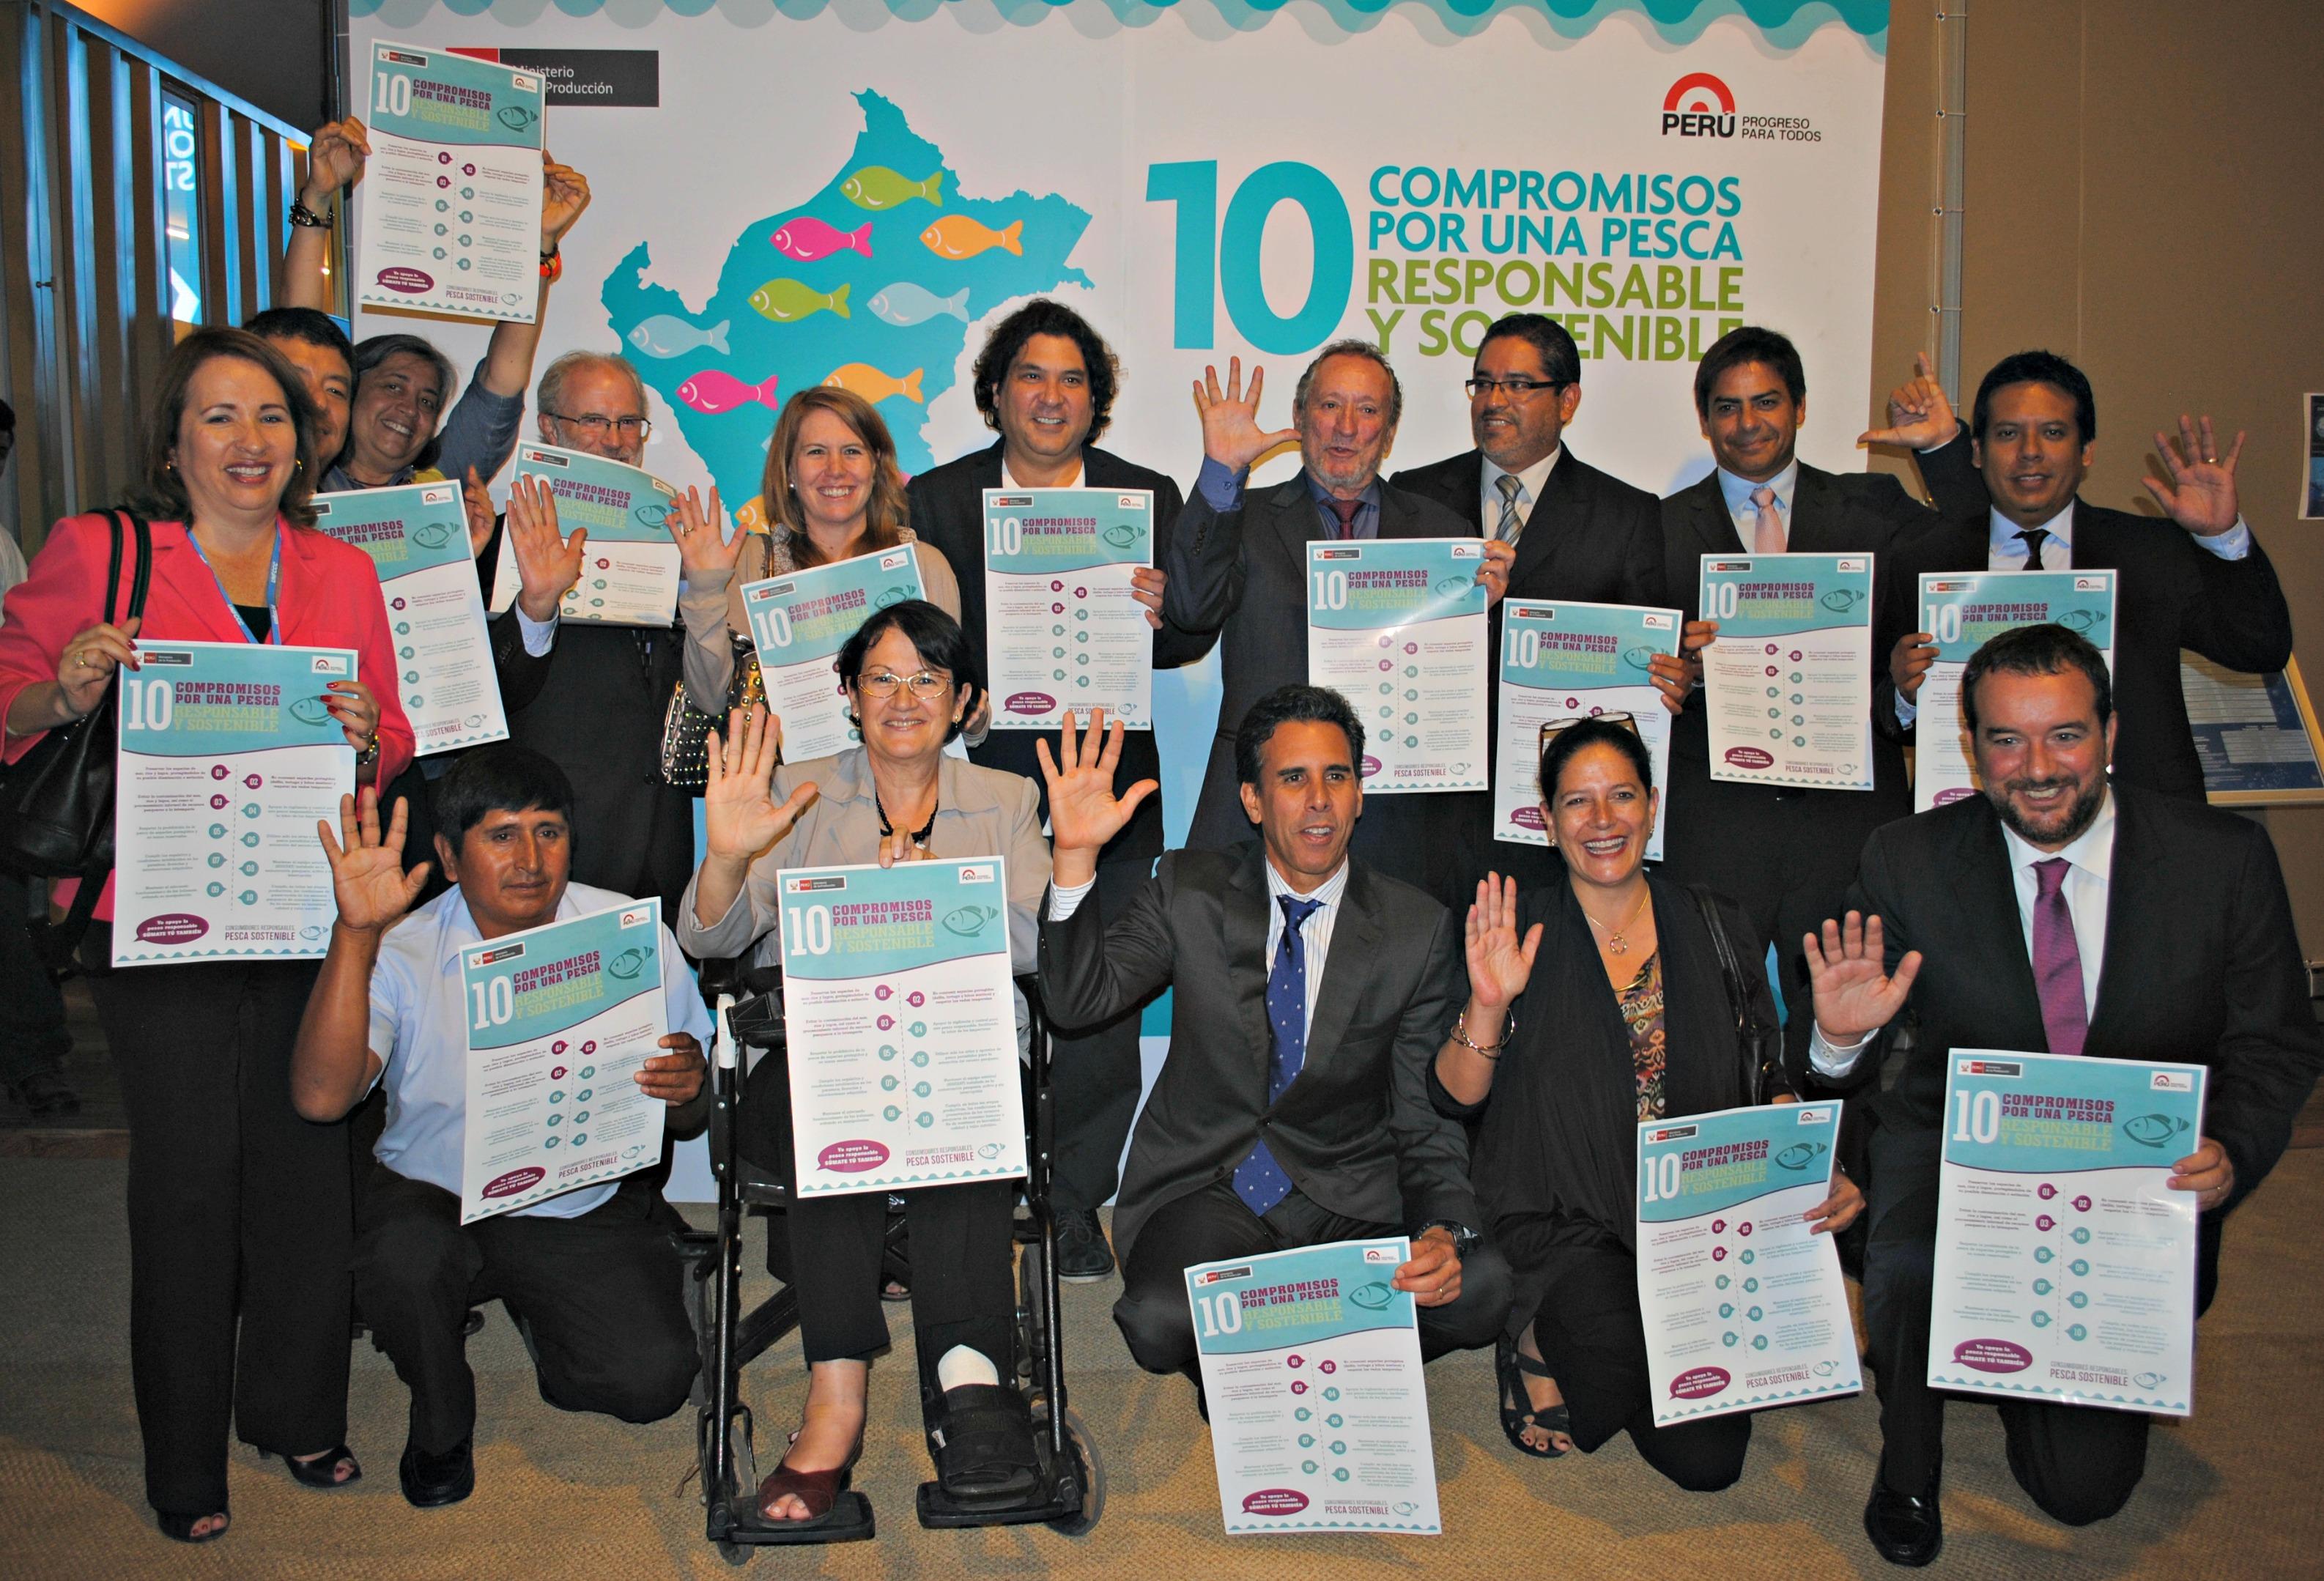 Peru Compromisos Wwf Perú Enlarge Compromiso